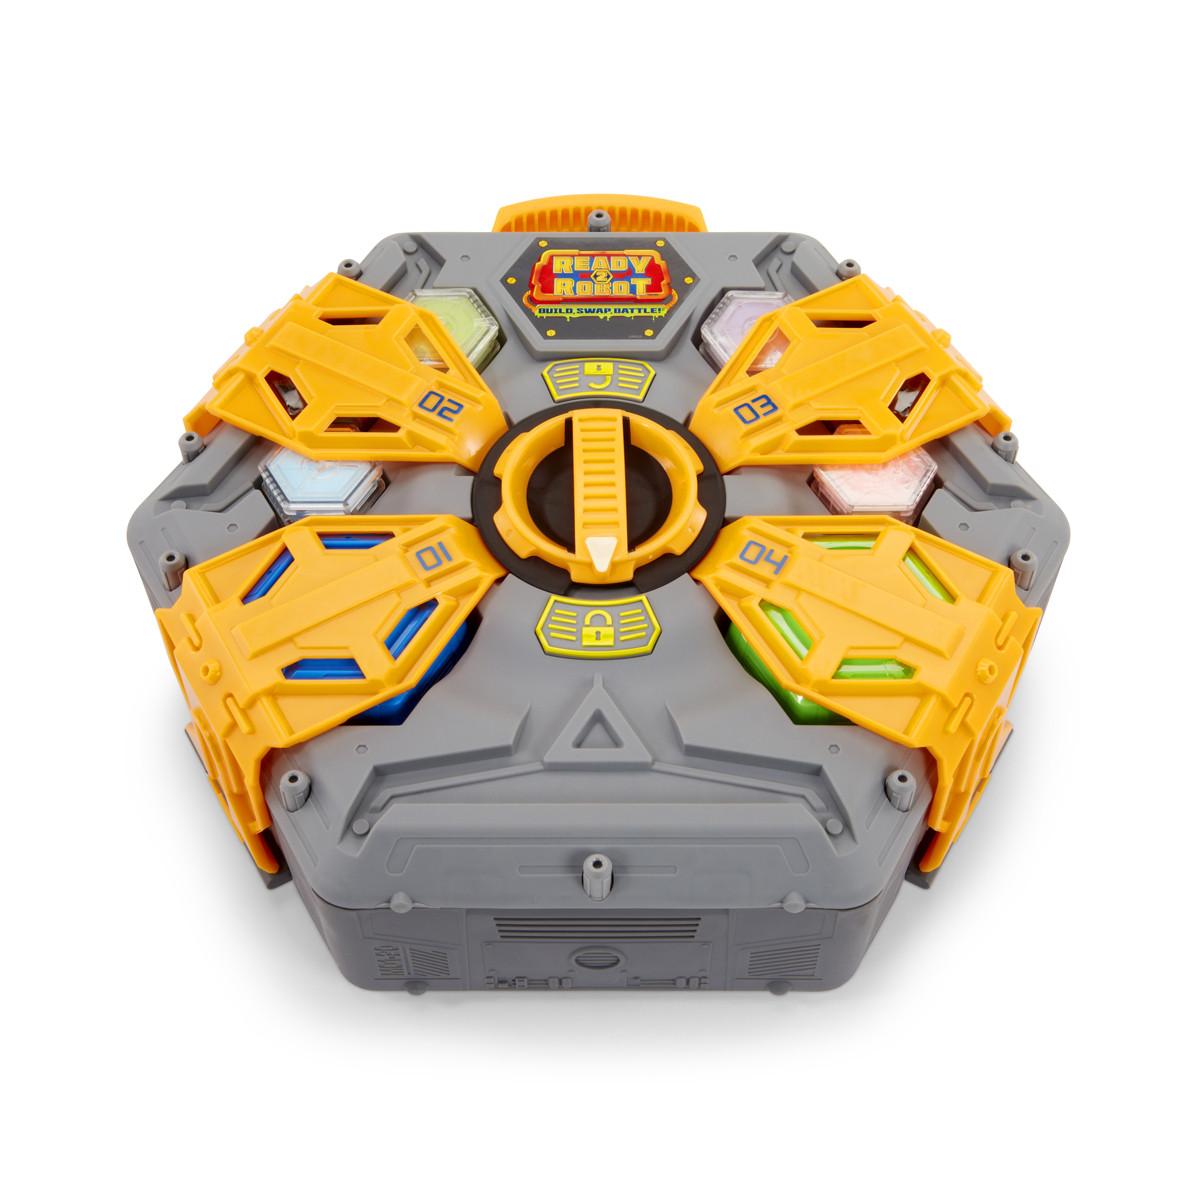 Ready2Robot Игровой набор с роботами - Мега-Баттл Сюрприз, 551706